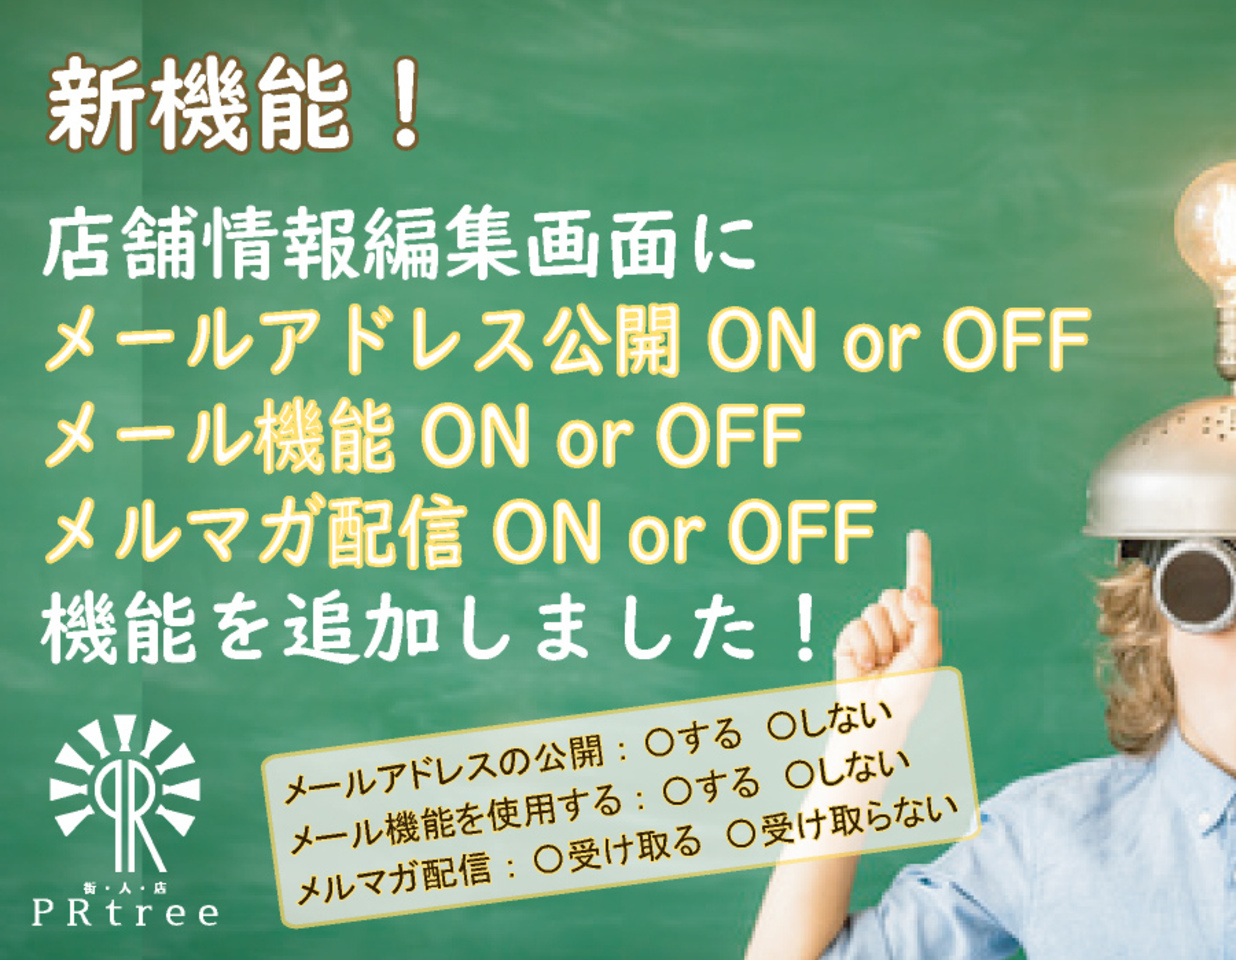 PRtree新機能(店舗会員様用)のお知らせ!